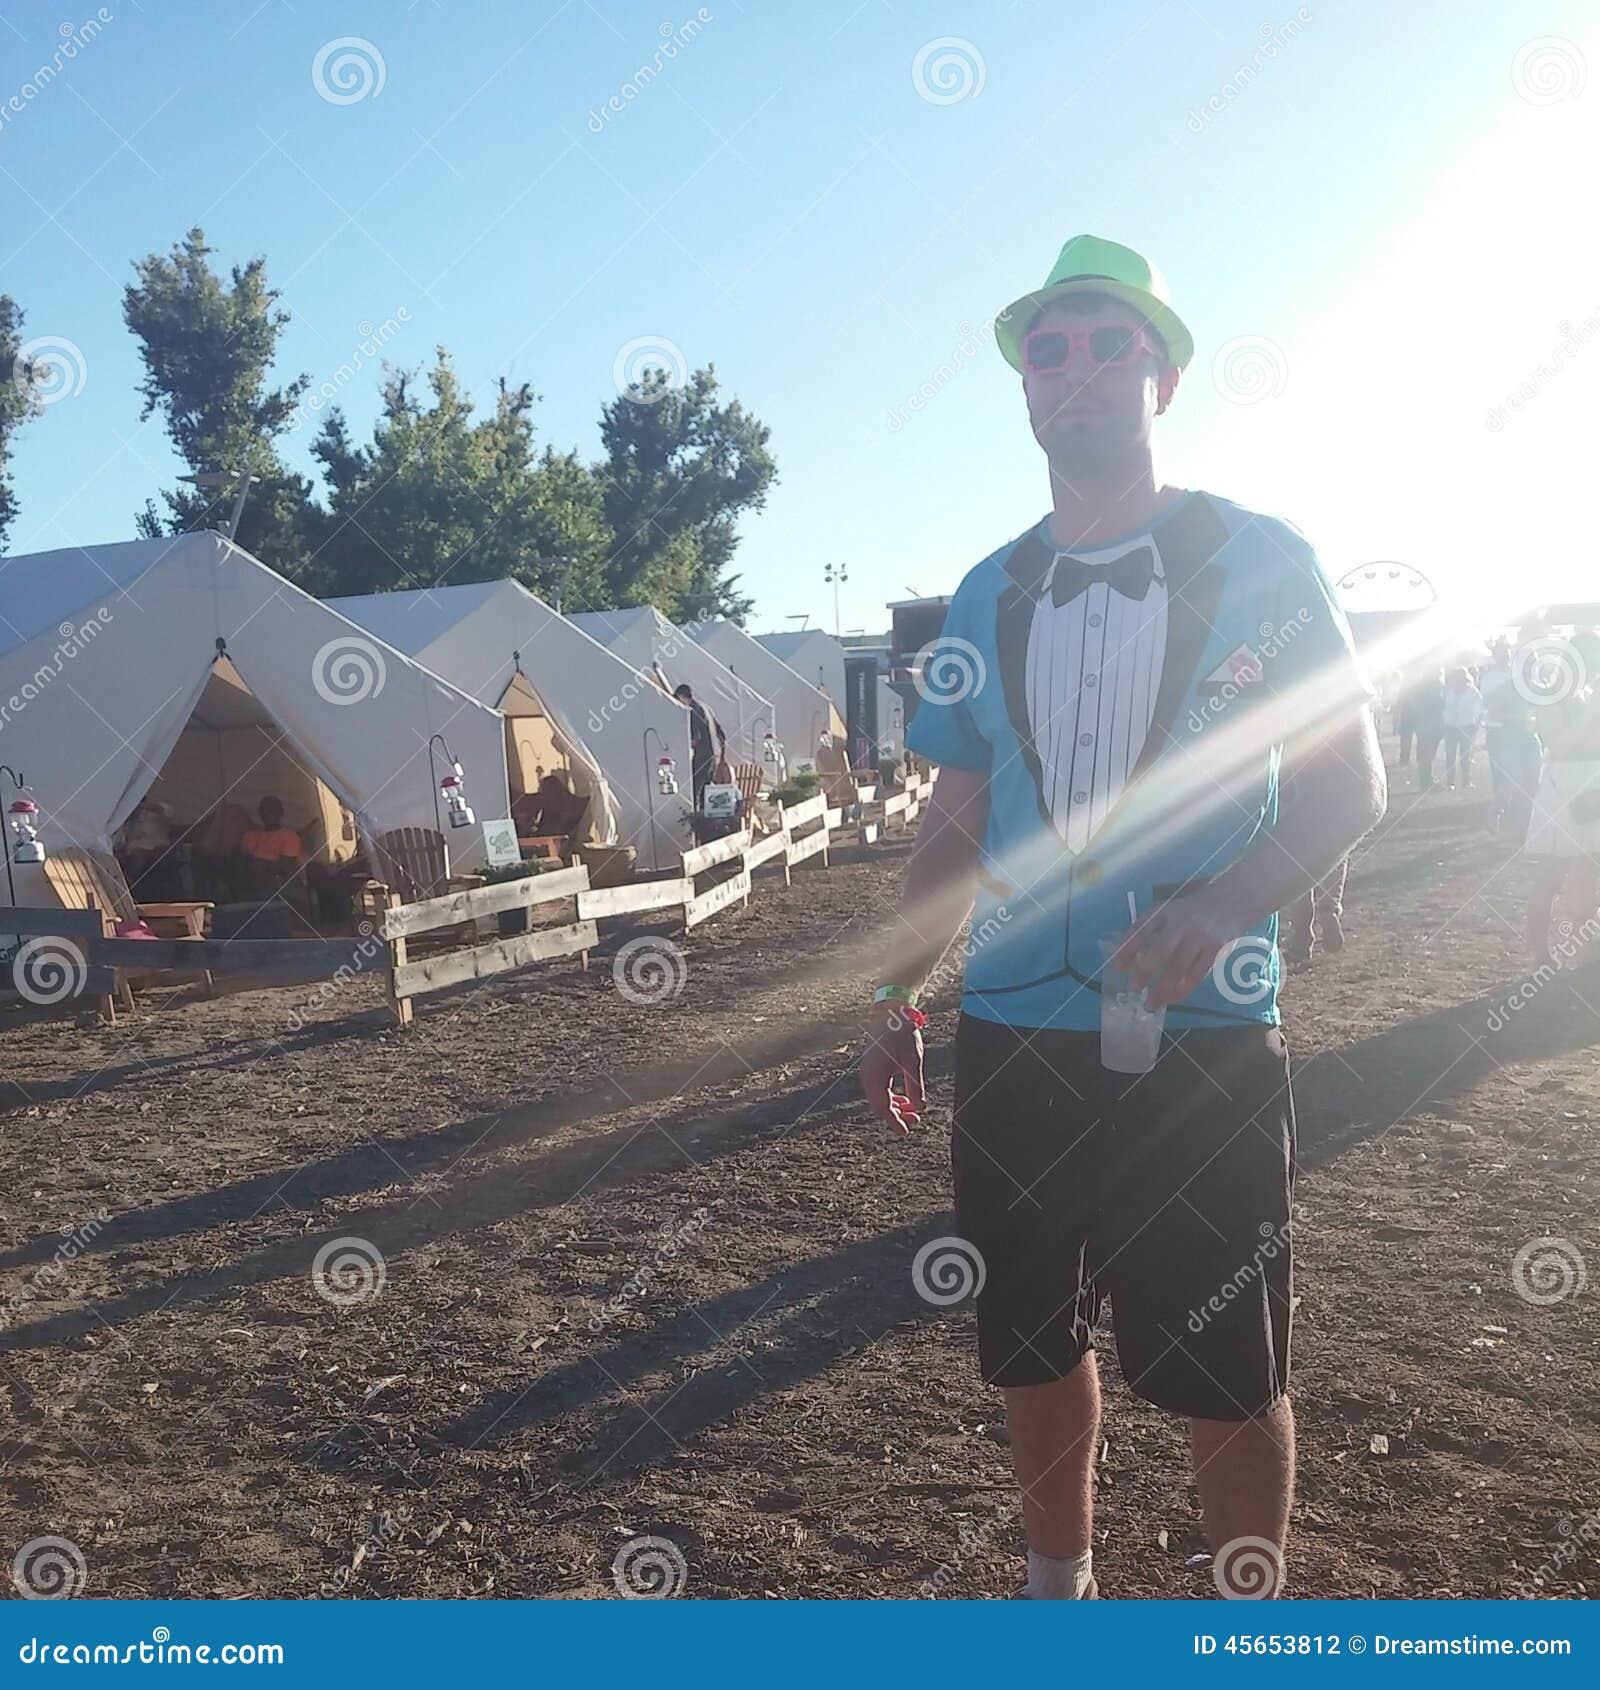 In da village camp